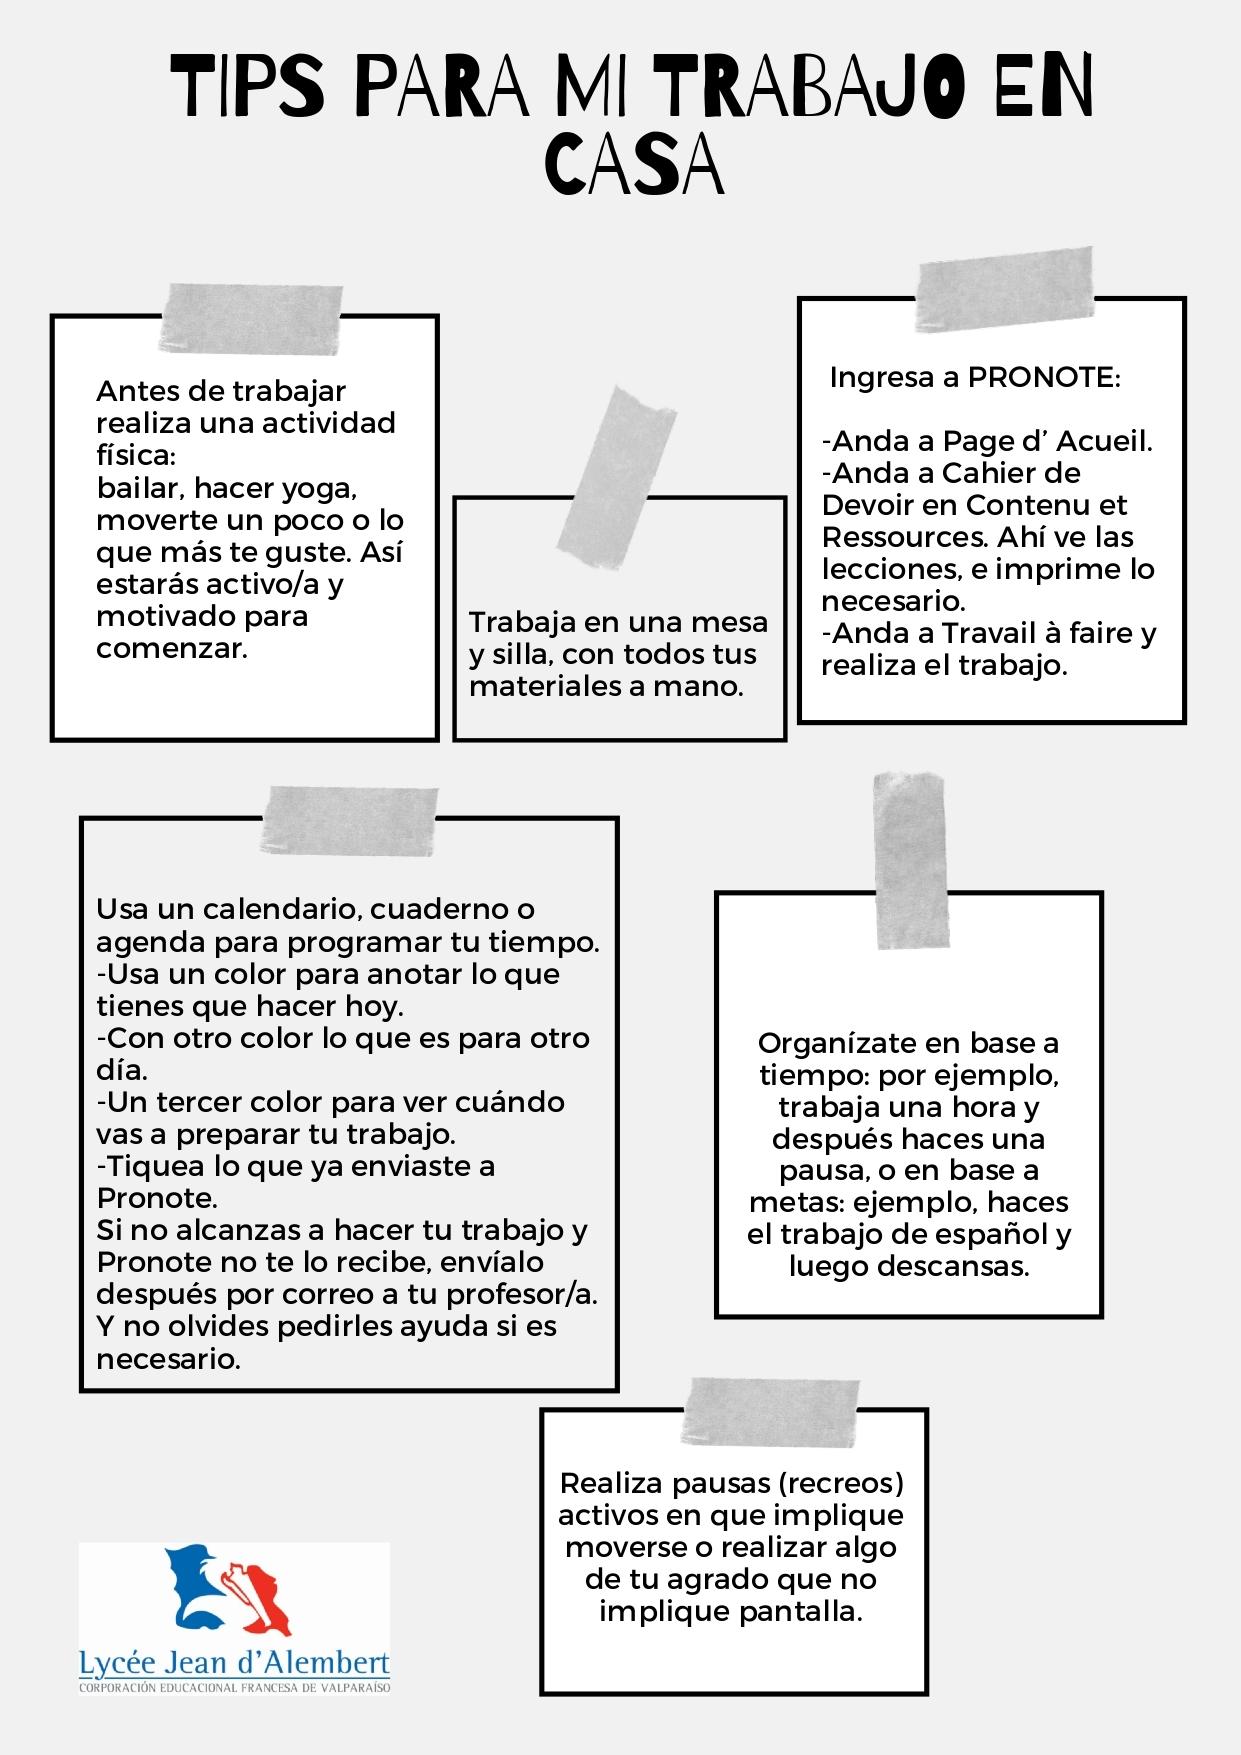 TIPS PARA MI TRABAJO EN CASA